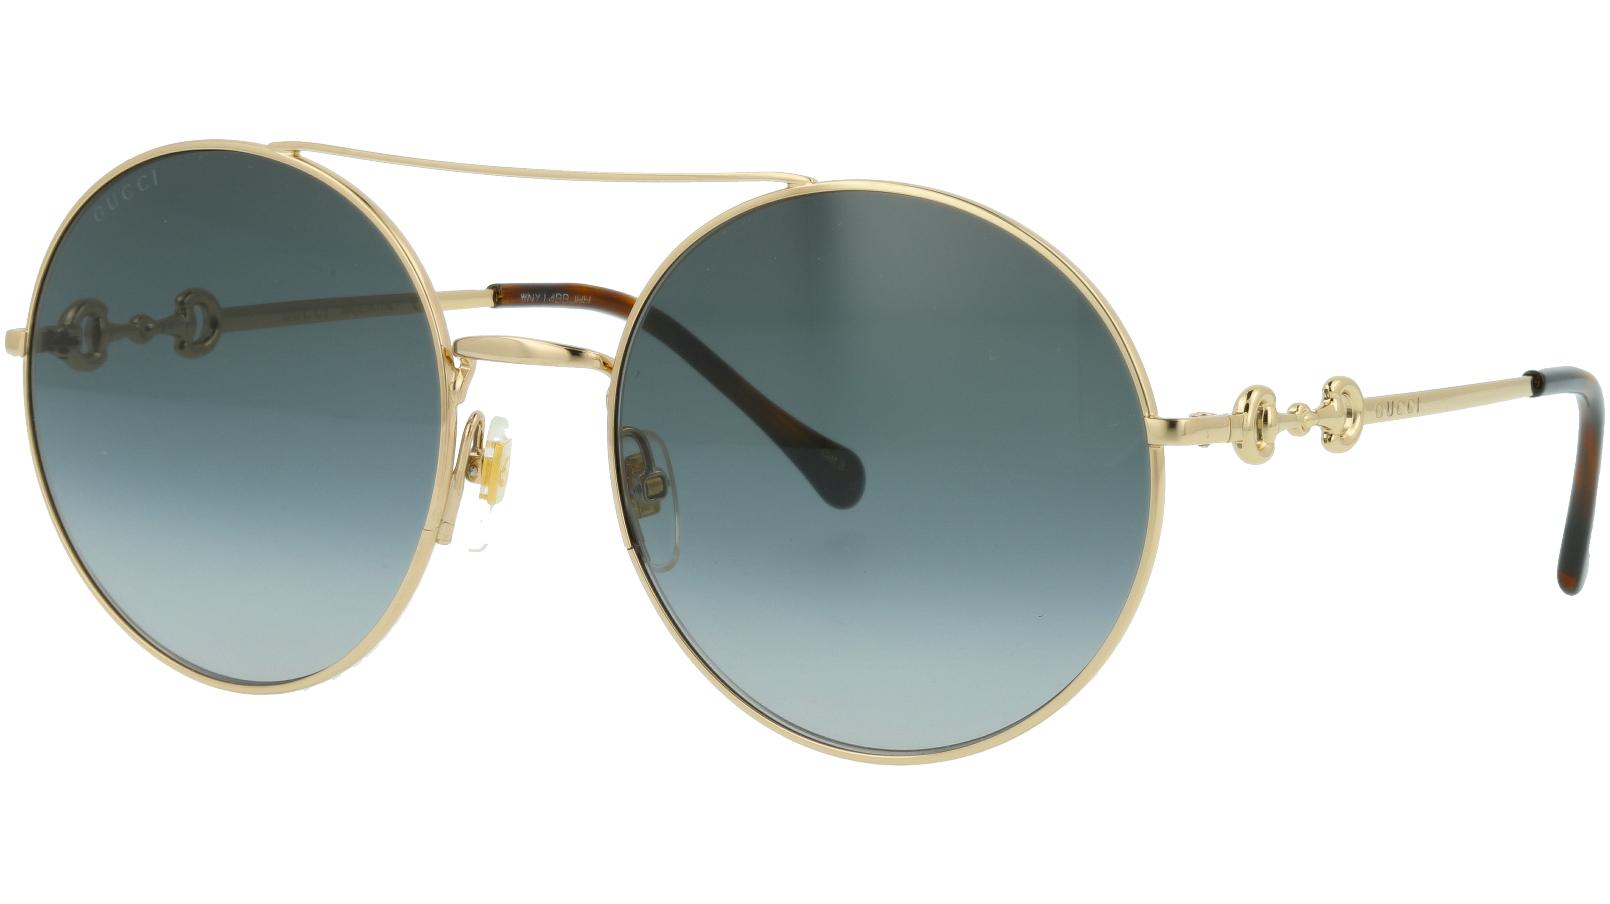 Gucci GG0878S 001 59 Gold Round Sunglasses